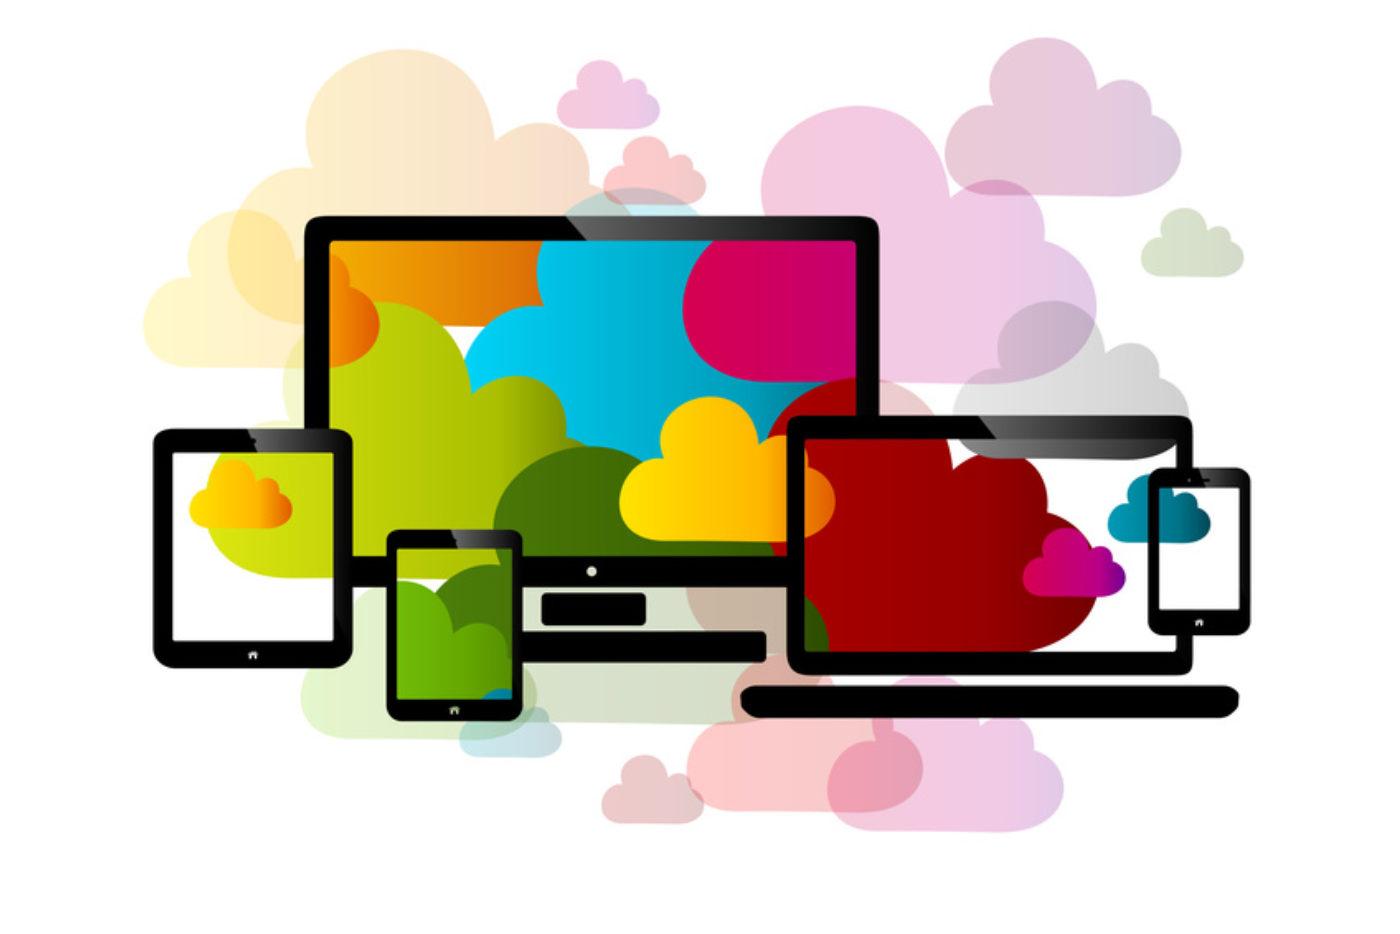 Статьи: Тестирование приложений в облачных сервисах. Плюсы и минусы.